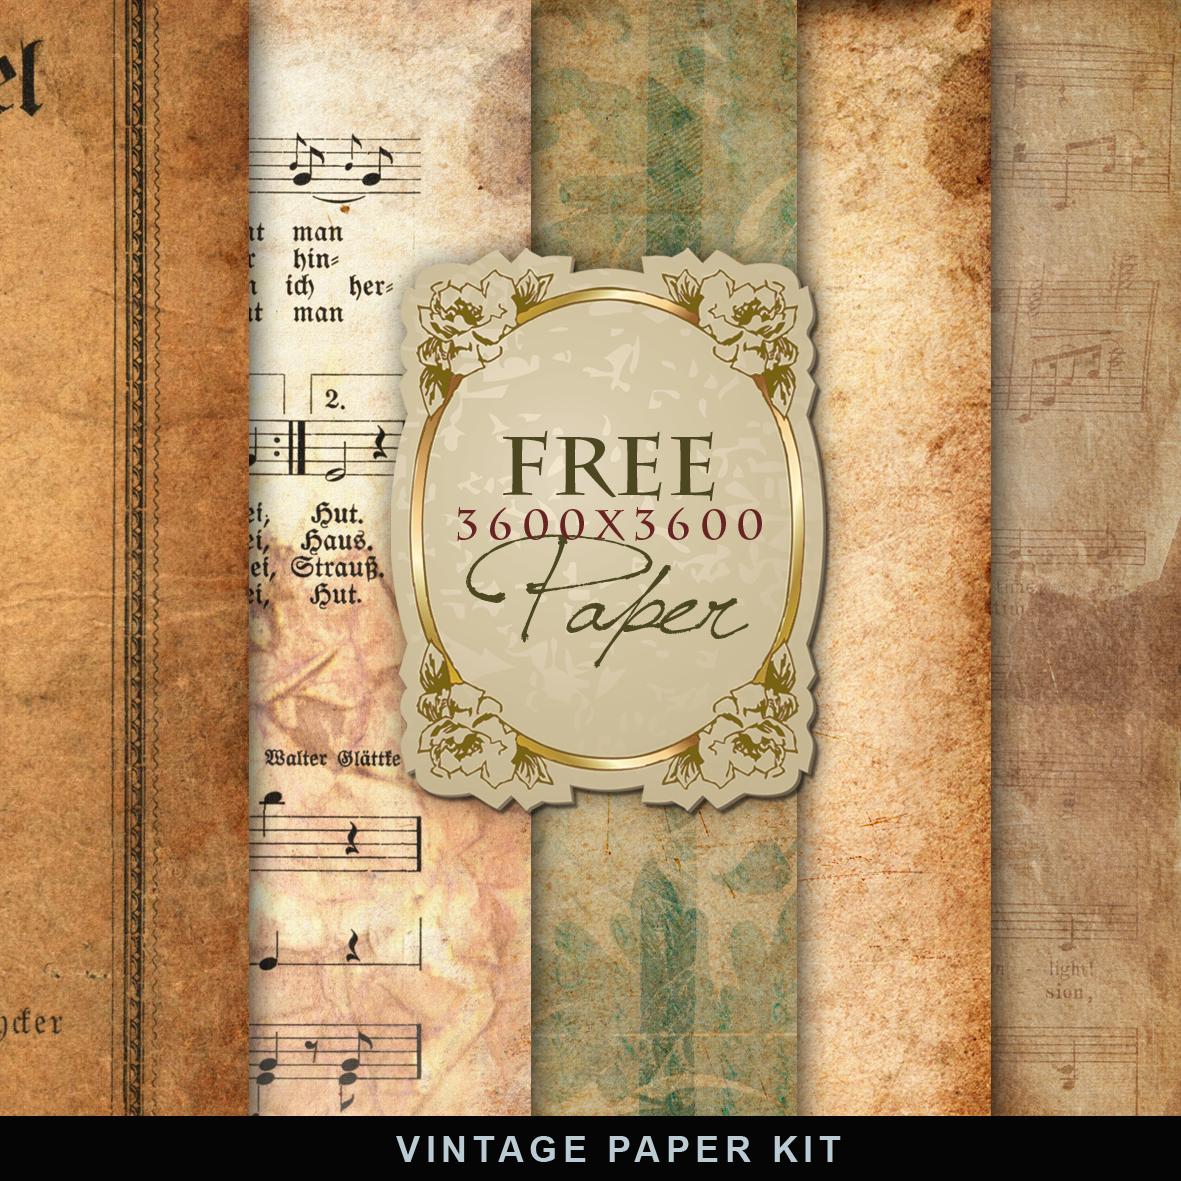 http://3.bp.blogspot.com/_kx7ENThmTEI/TTXktHGXT5I/AAAAAAAABb4/SaroJVbY7MA/s1600/cover.jpg